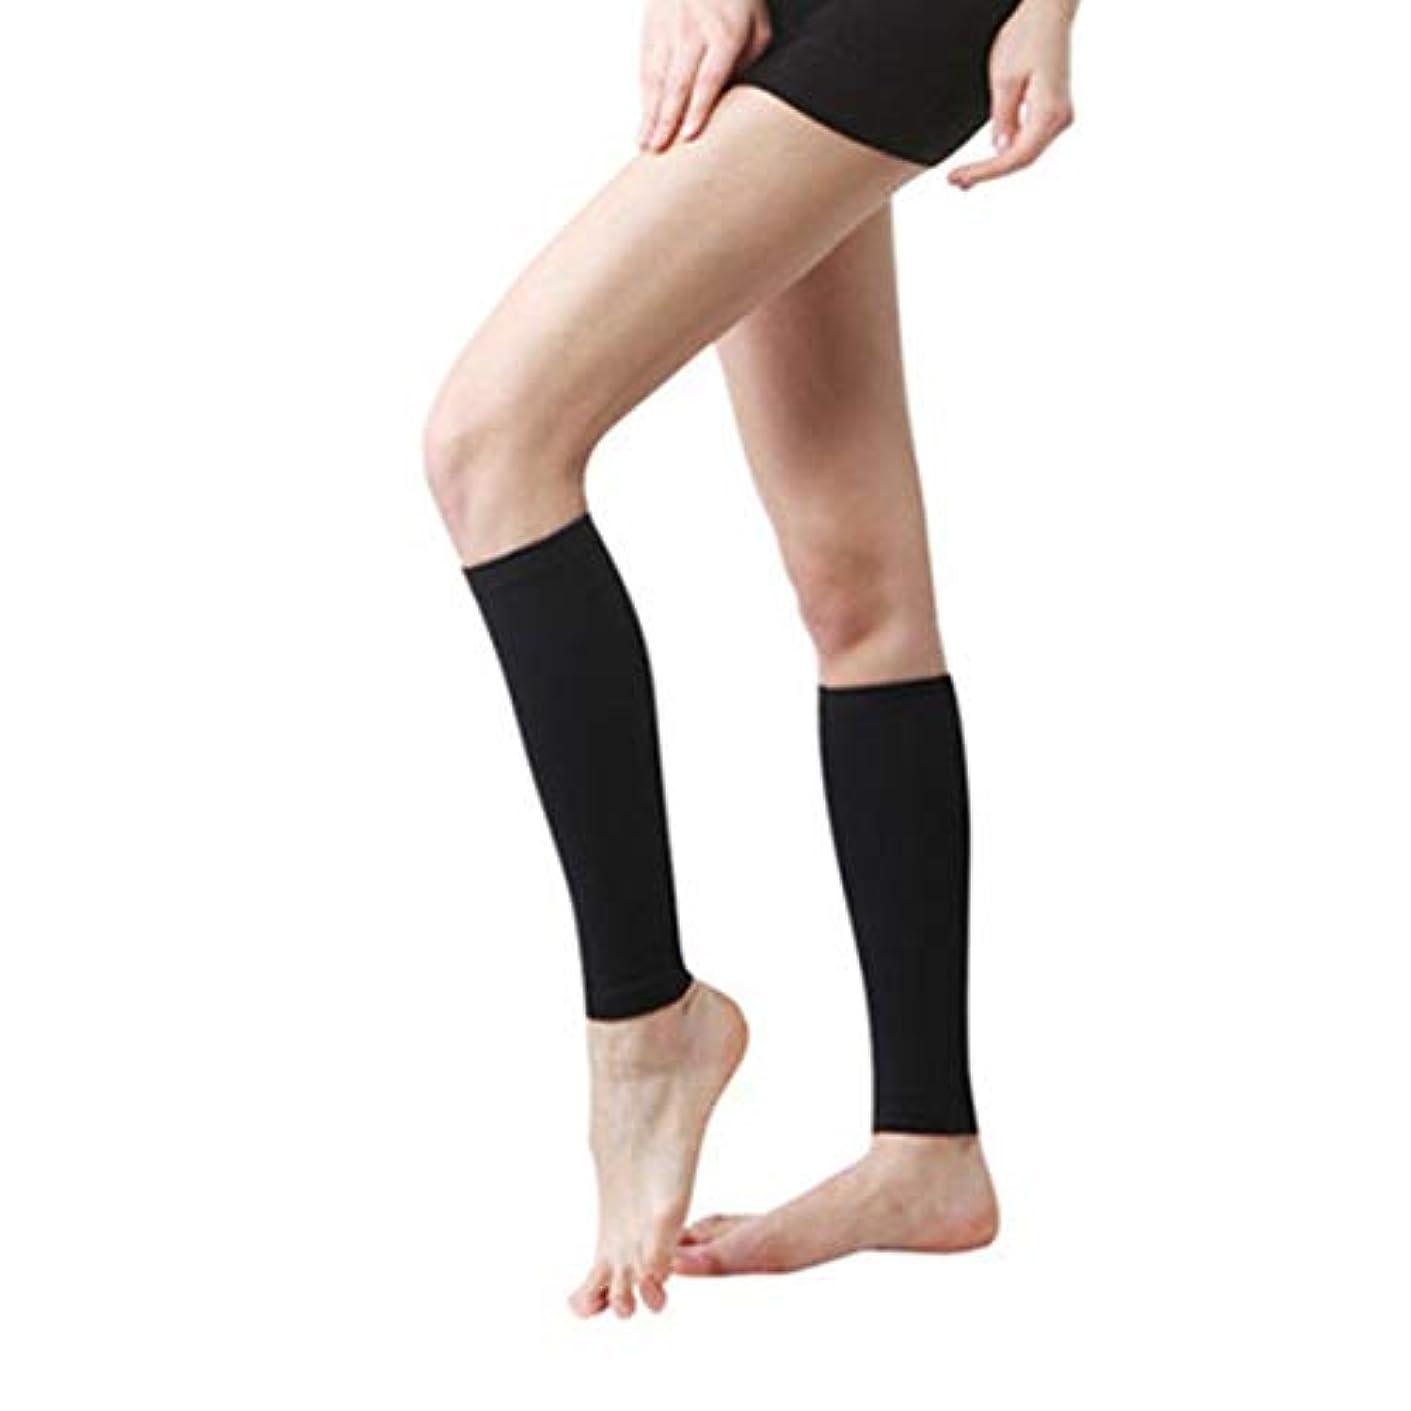 金額革新パイプ丈夫な男性女性プロの圧縮靴下通気性のある旅行活動看護師用シンススプリントフライトトラベル - ブラック